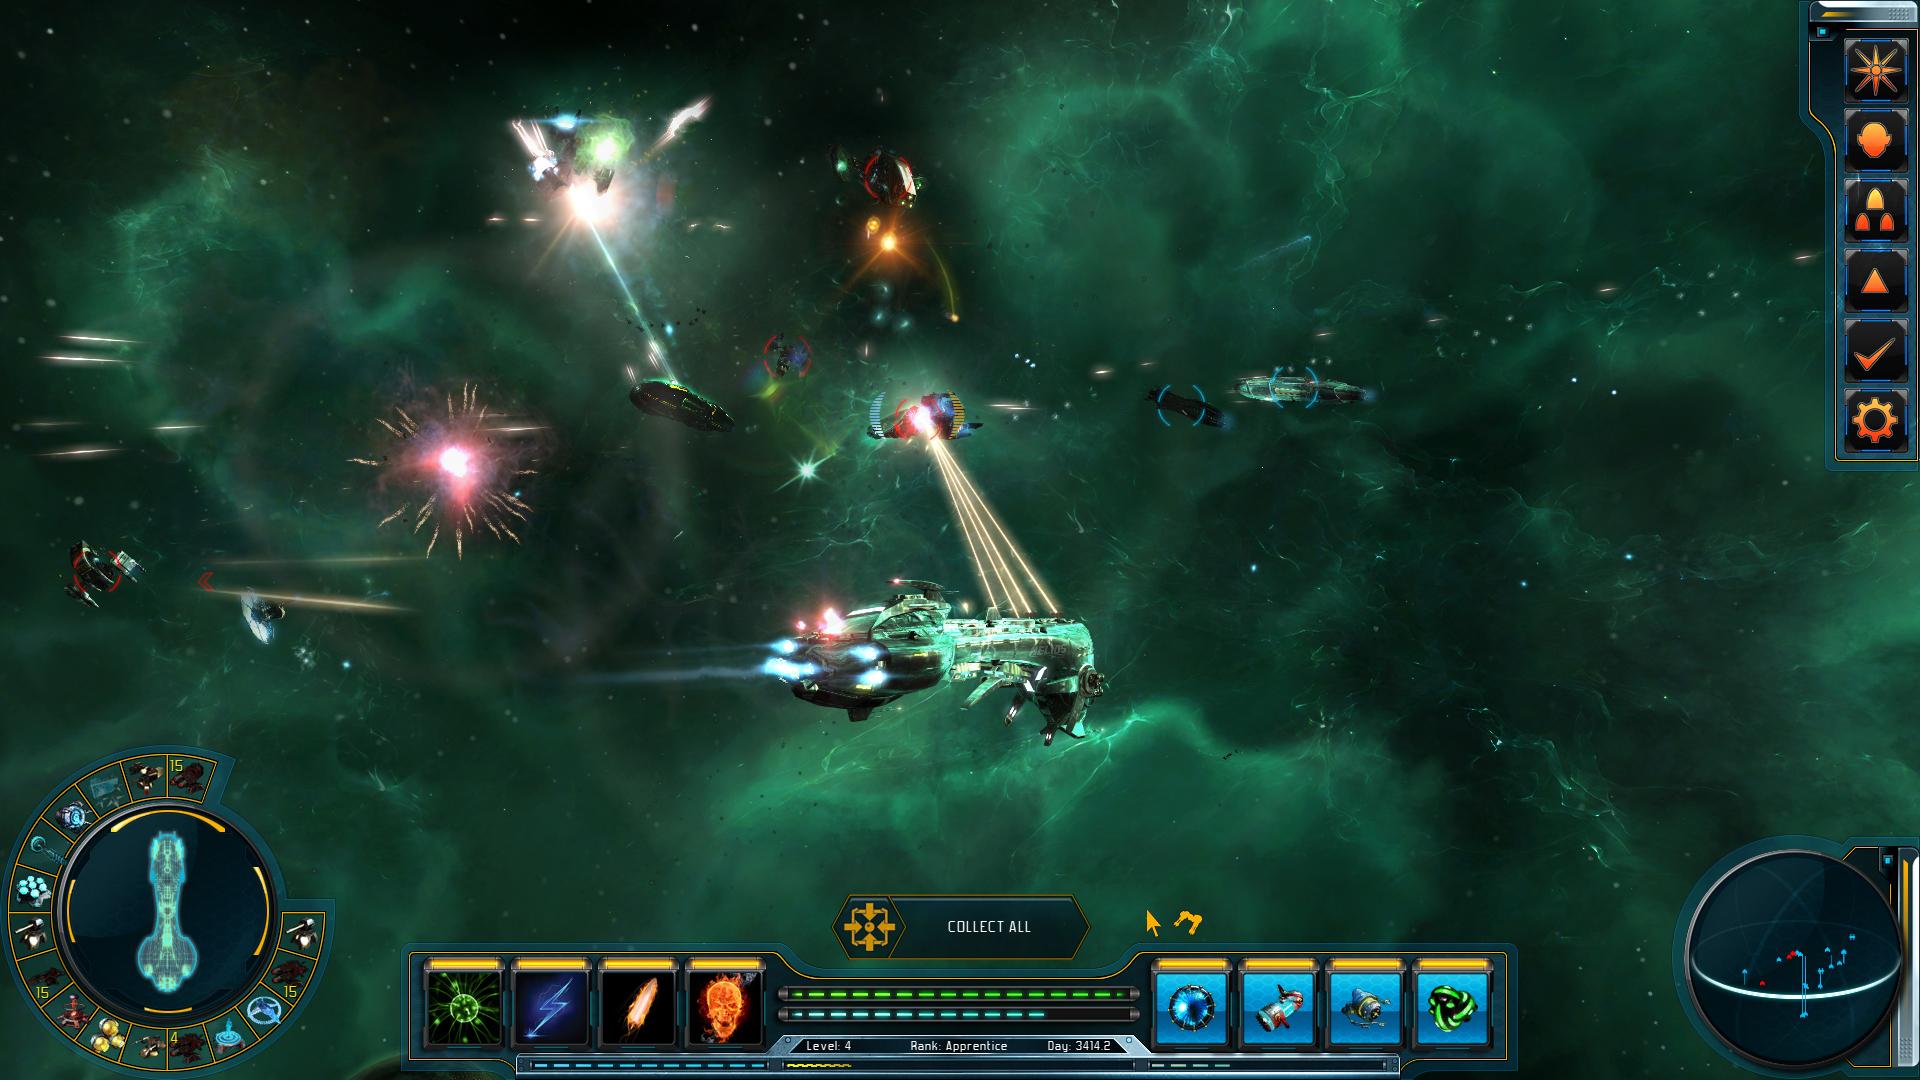 com.steam.236150-screenshot